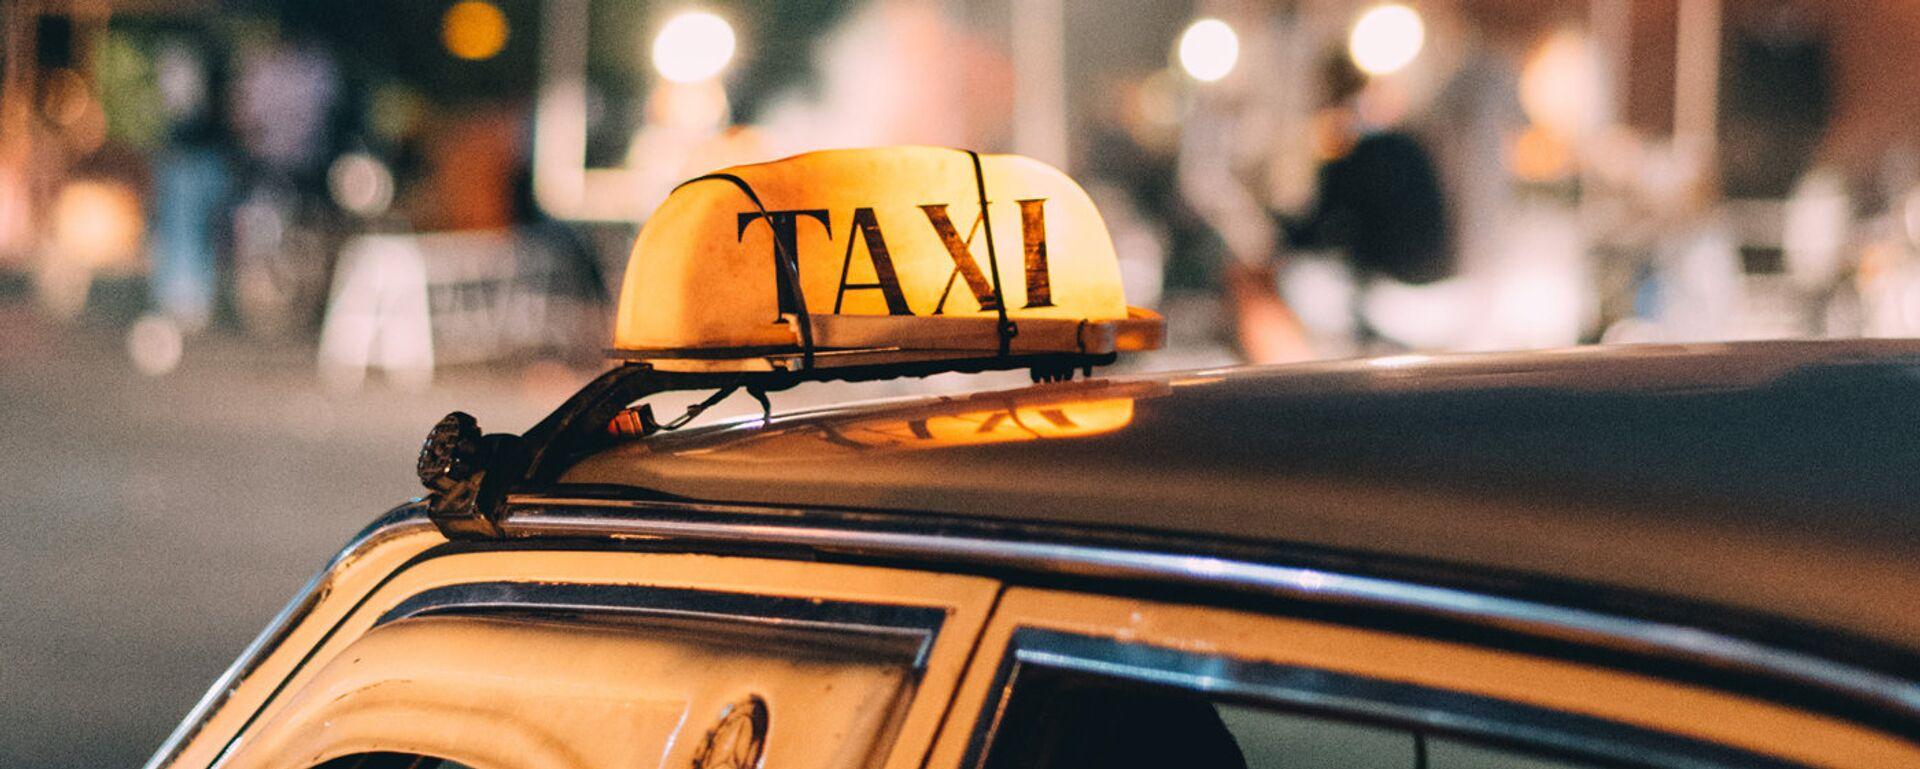 Такси - Sputnik Latvija, 1920, 20.04.2021